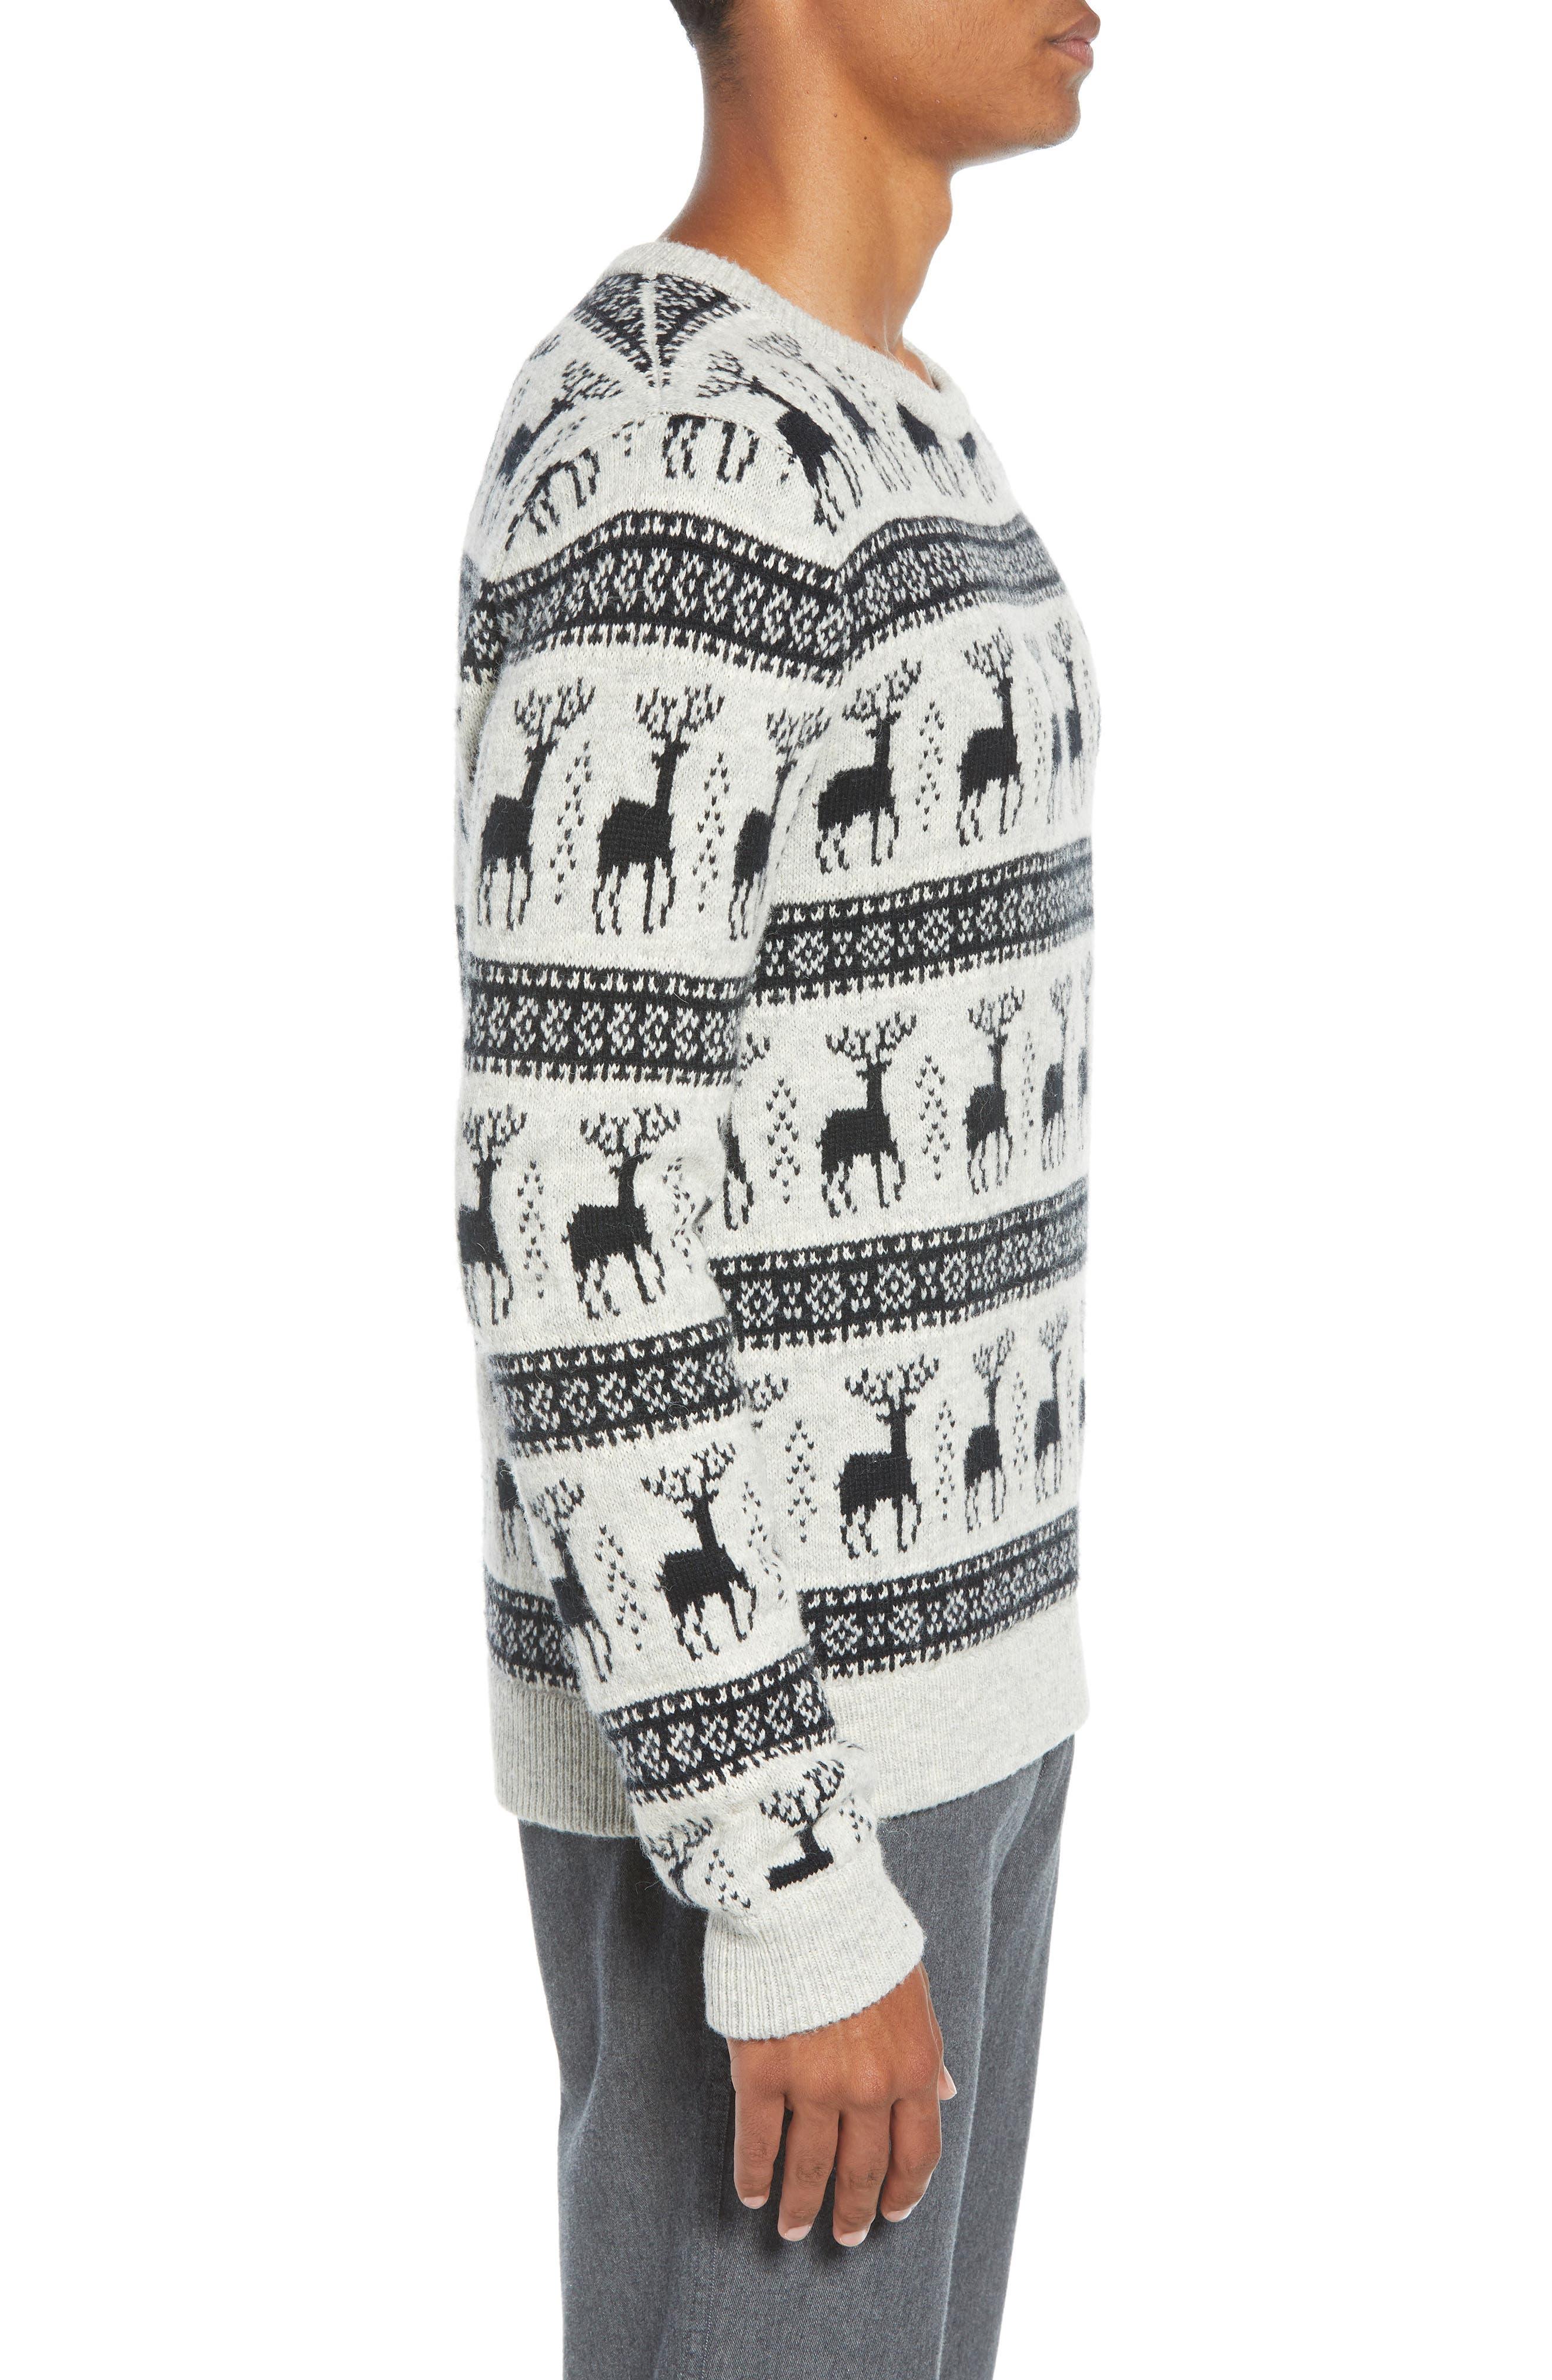 Cedar Slim Fit Crewneck Sweater,                             Alternate thumbnail 3, color,                             LIGHT HEATHER GREY